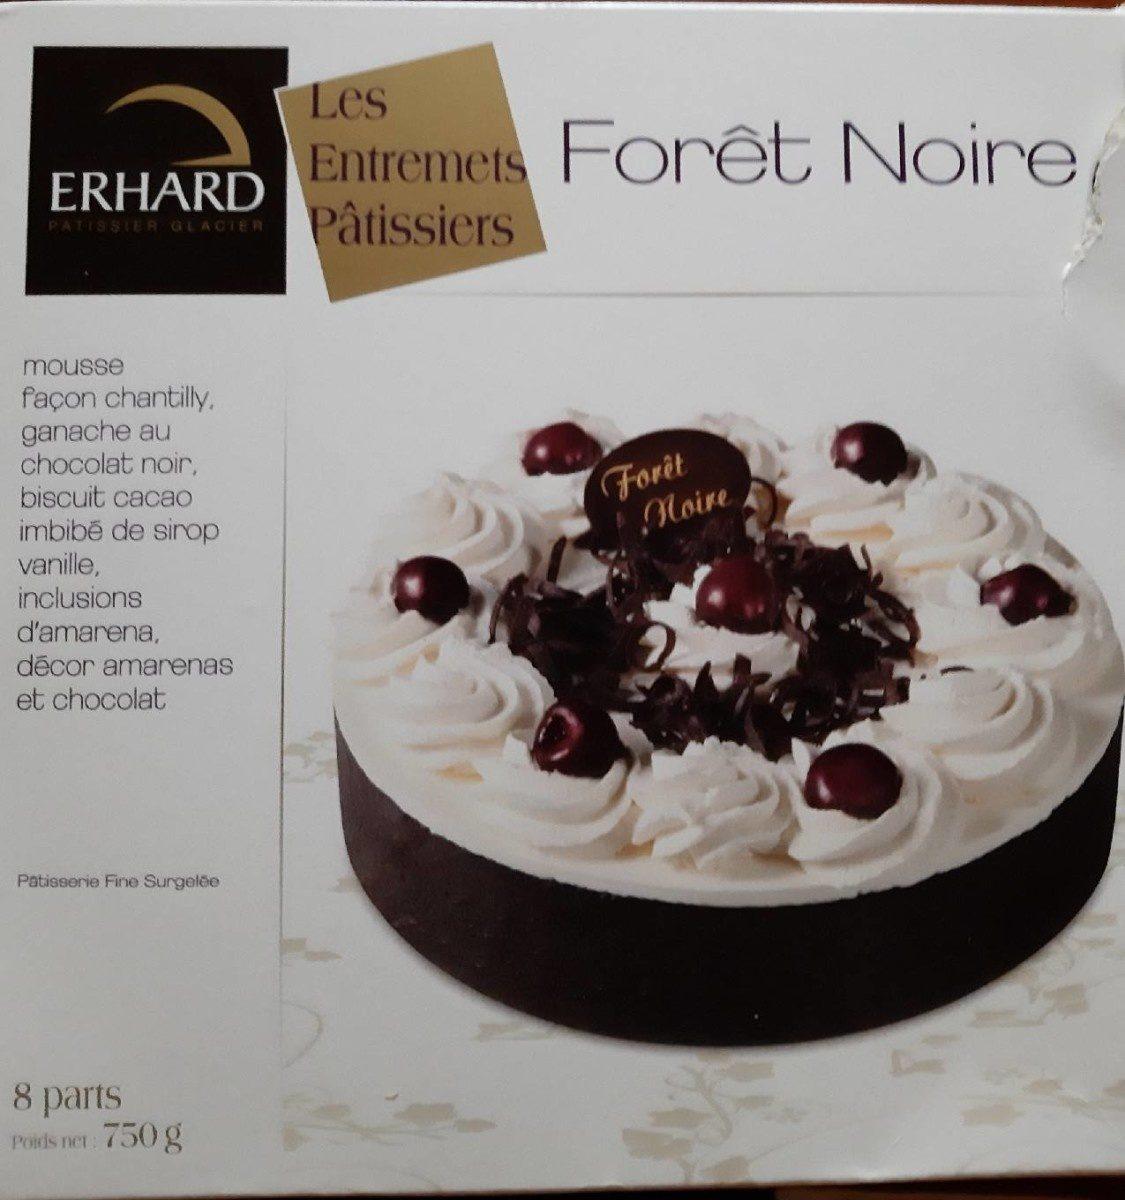 Les Entremets Pâtissiers - Forêt Noire - Product - fr